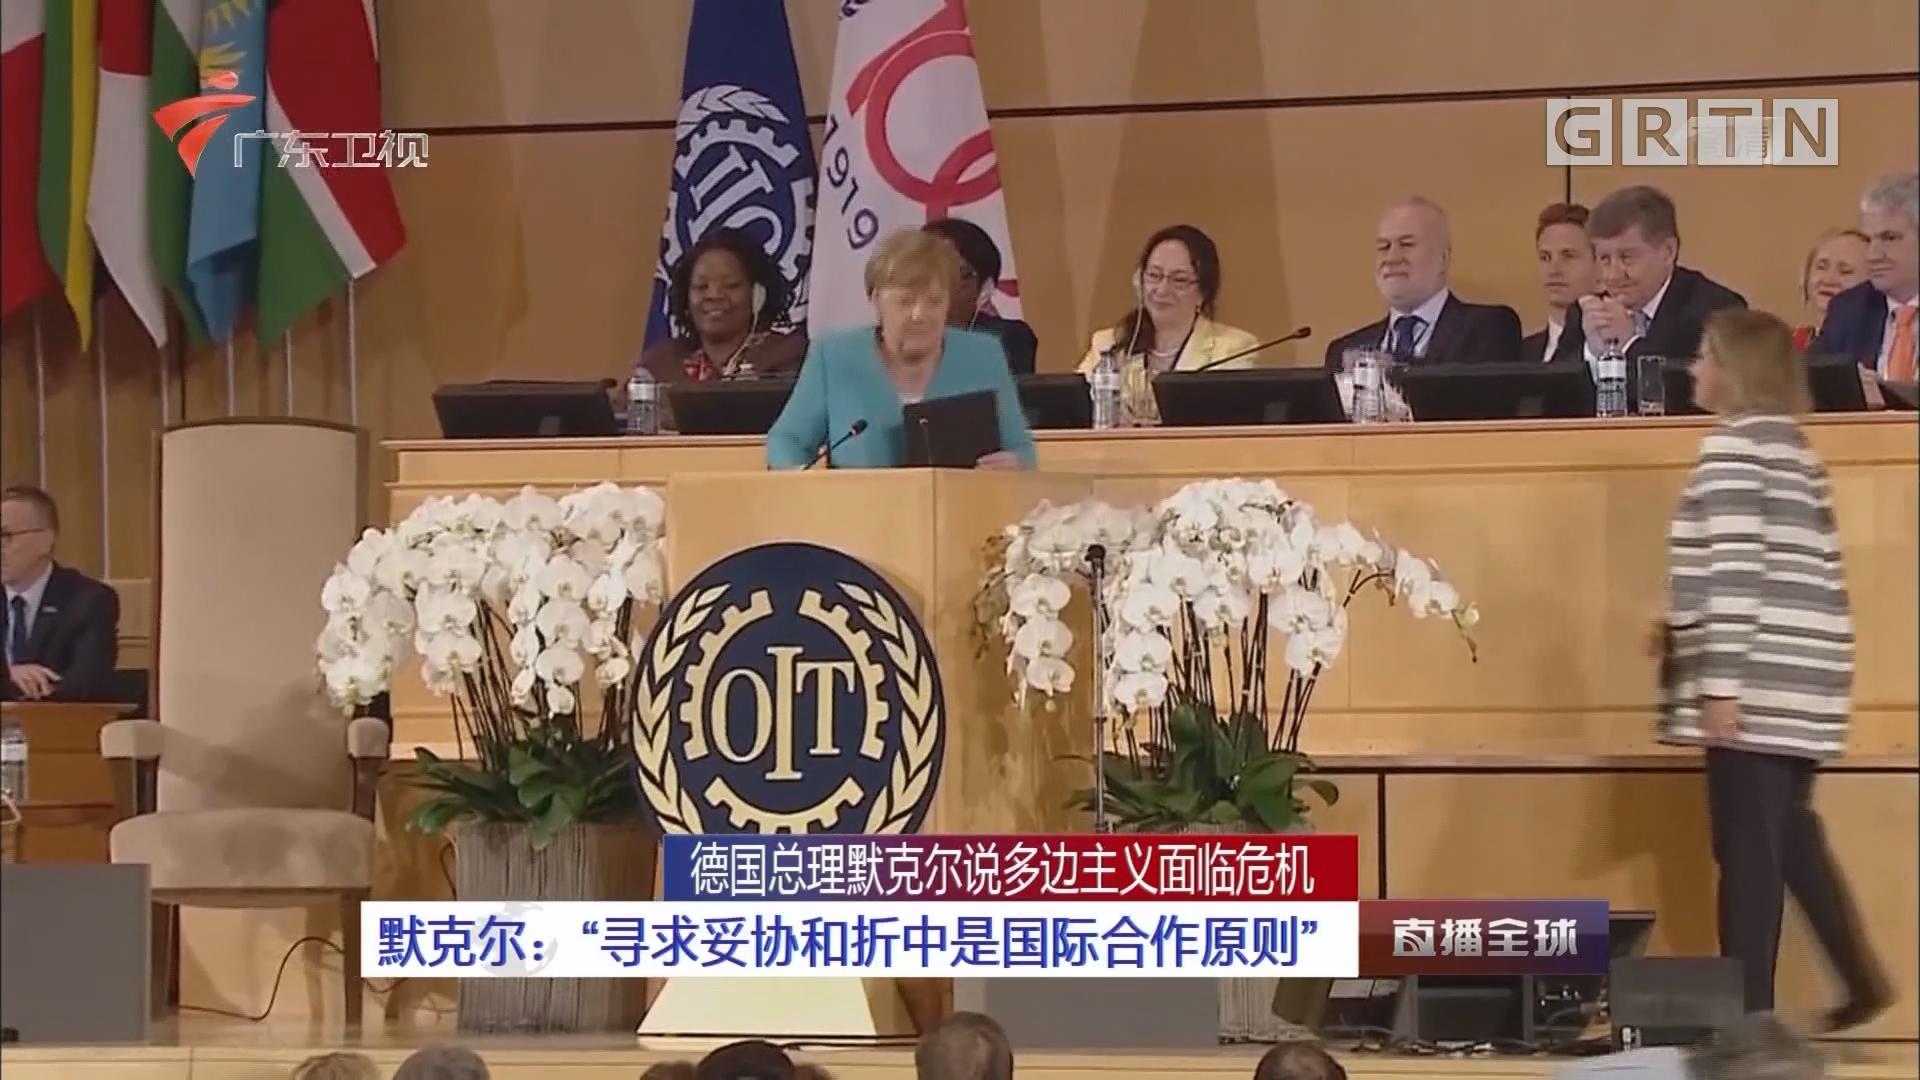 """德国总理默克尔说多边主义面临危机 默克尔:""""寻求妥协和折中是国际合作原则"""""""